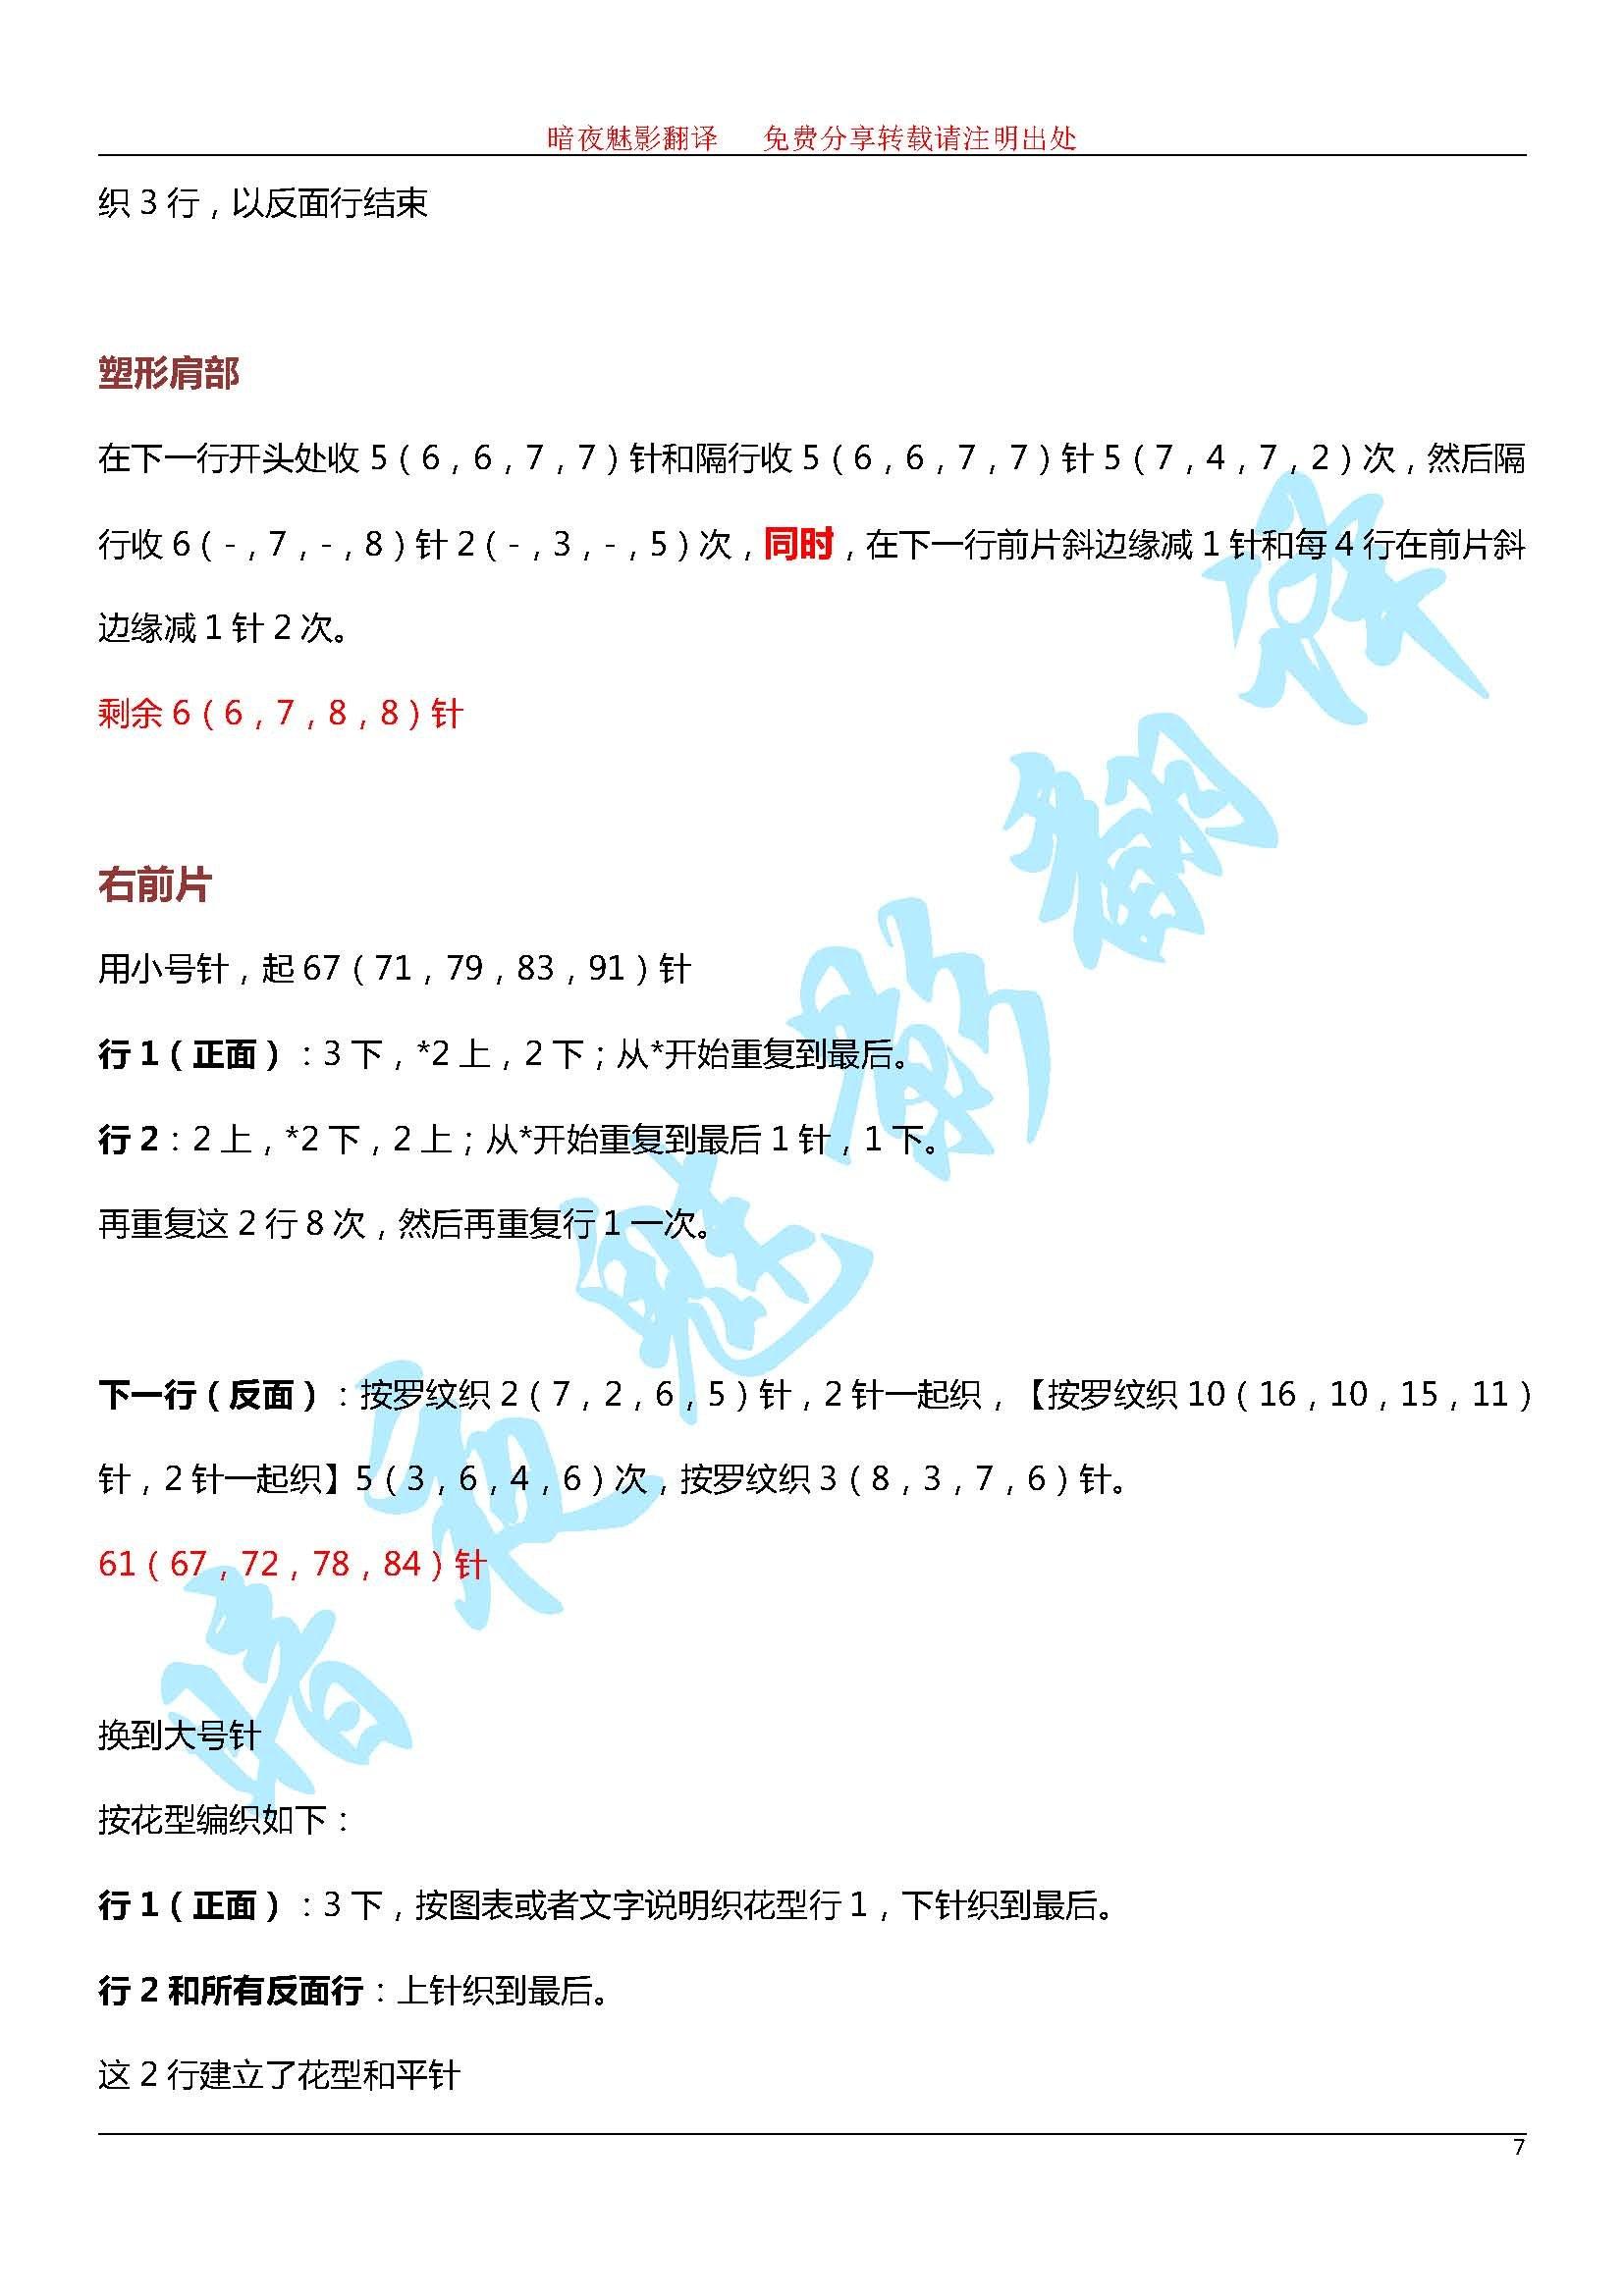 赫本开衫图解_页面_07.jpg